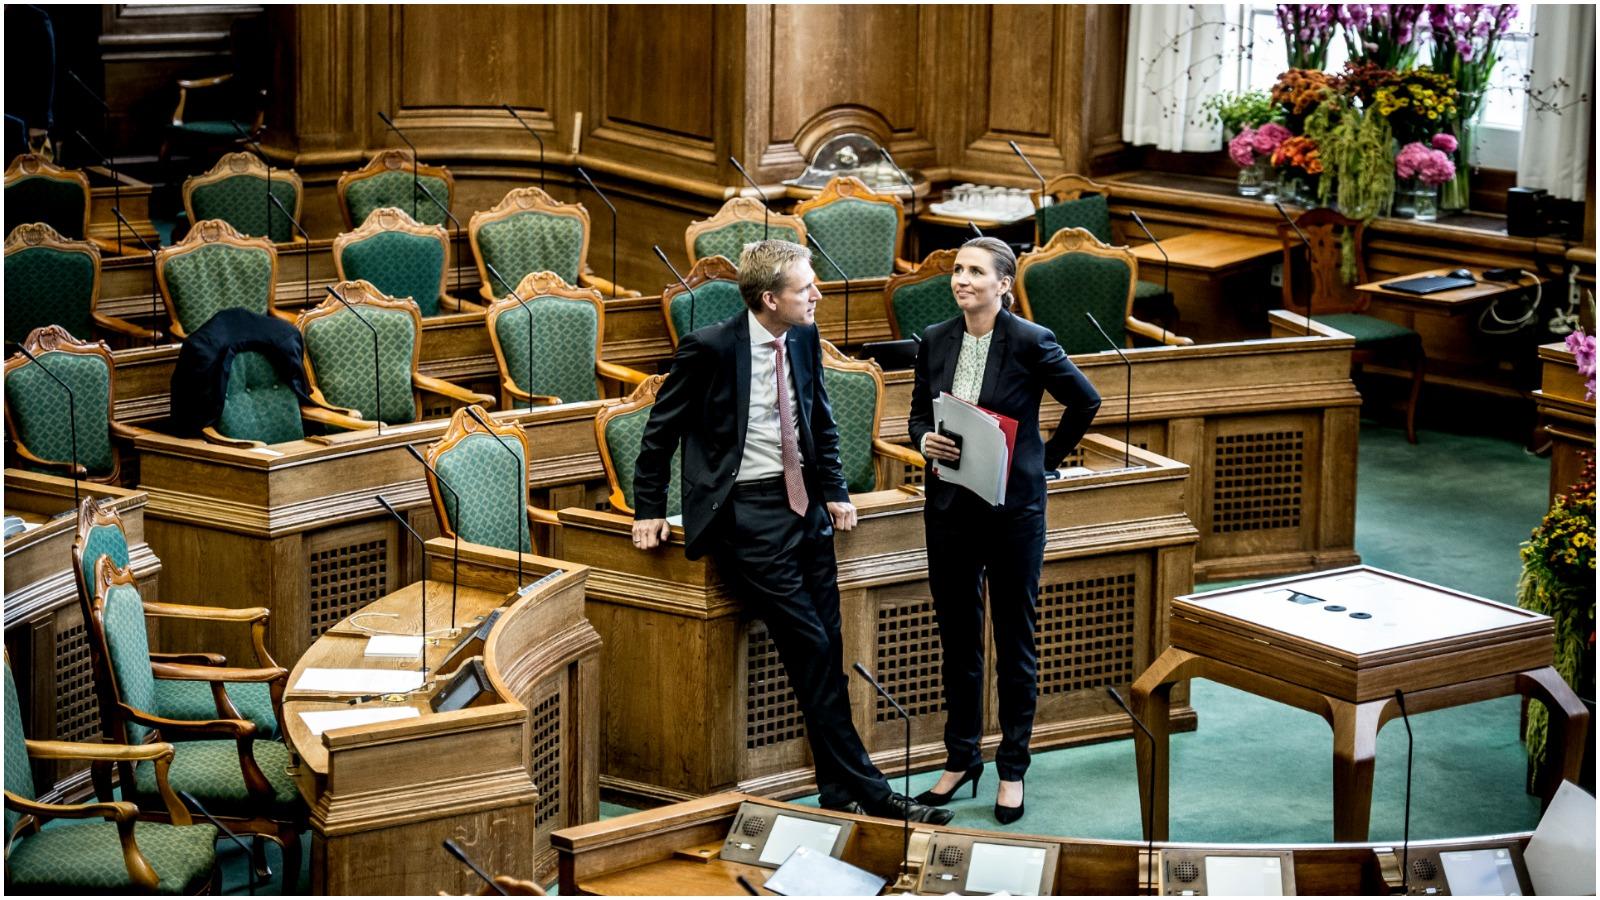 Niels Jespersen i RÆSON34: Venstrefløjen ruster sig til styrkeprøve med sosserne, men DF kan spille dem helt af banen